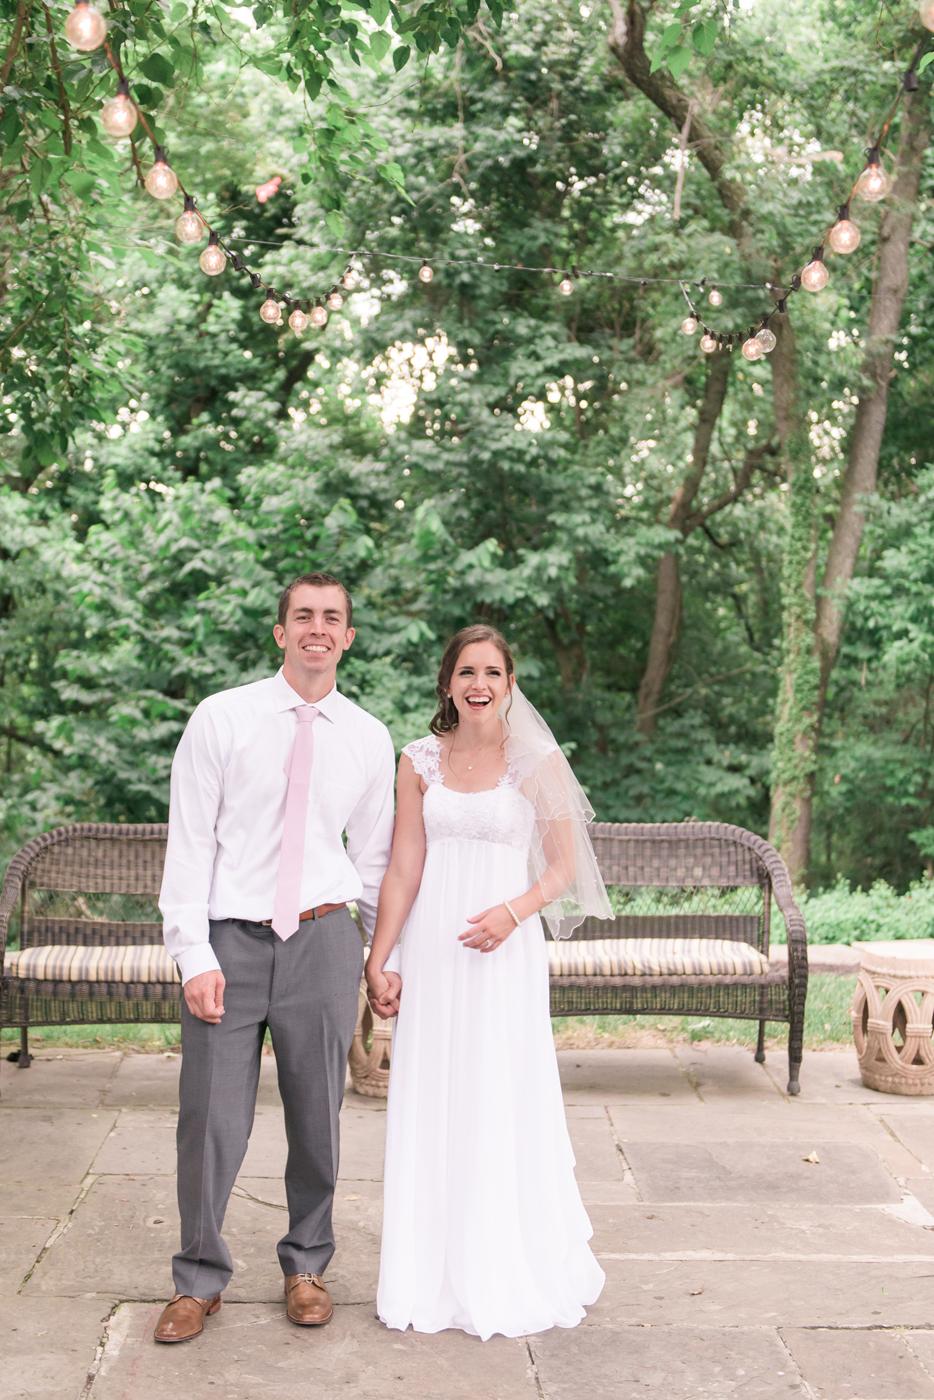 042-0894-tkb_wedding-baltimore-6698